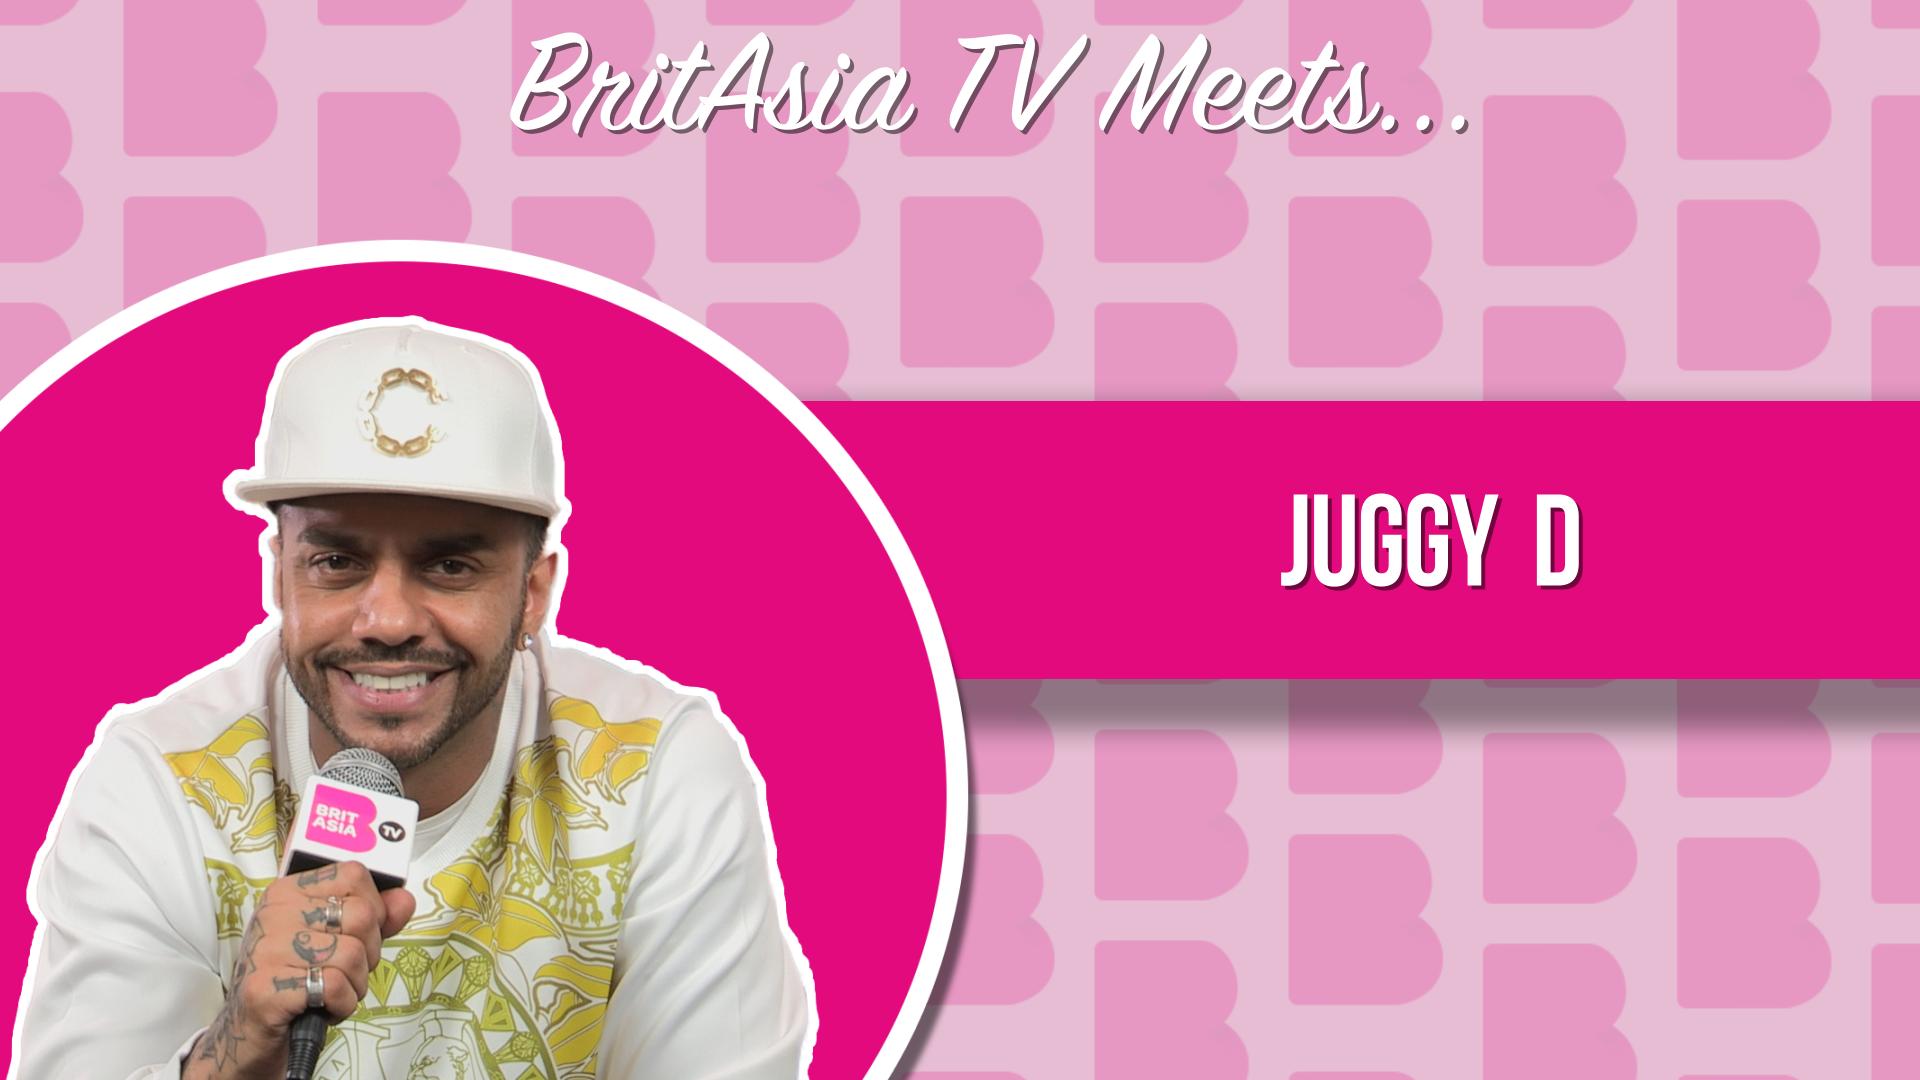 BRITASIA TV MEETS JUGGY D